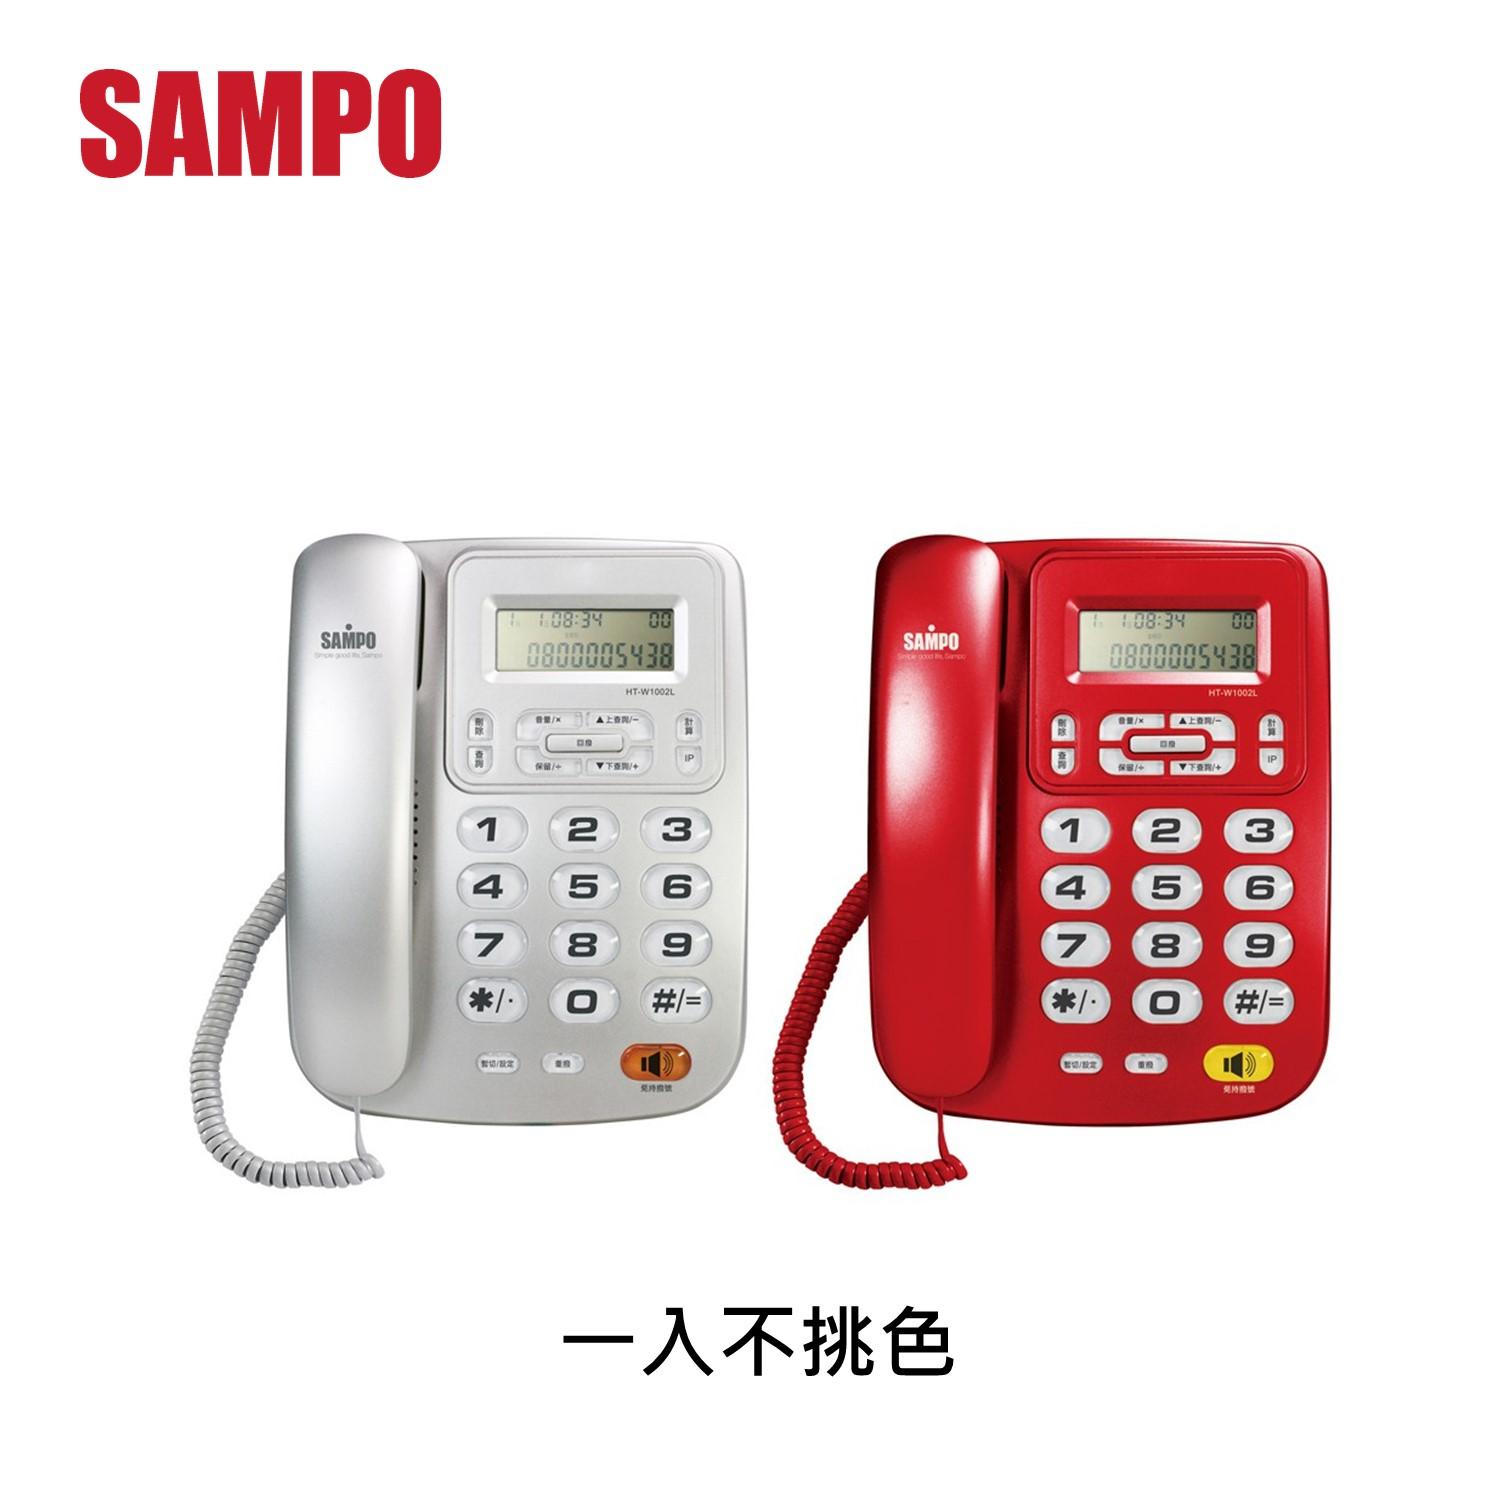 聲寶SAMPO 有線電話(HT-W1002L)